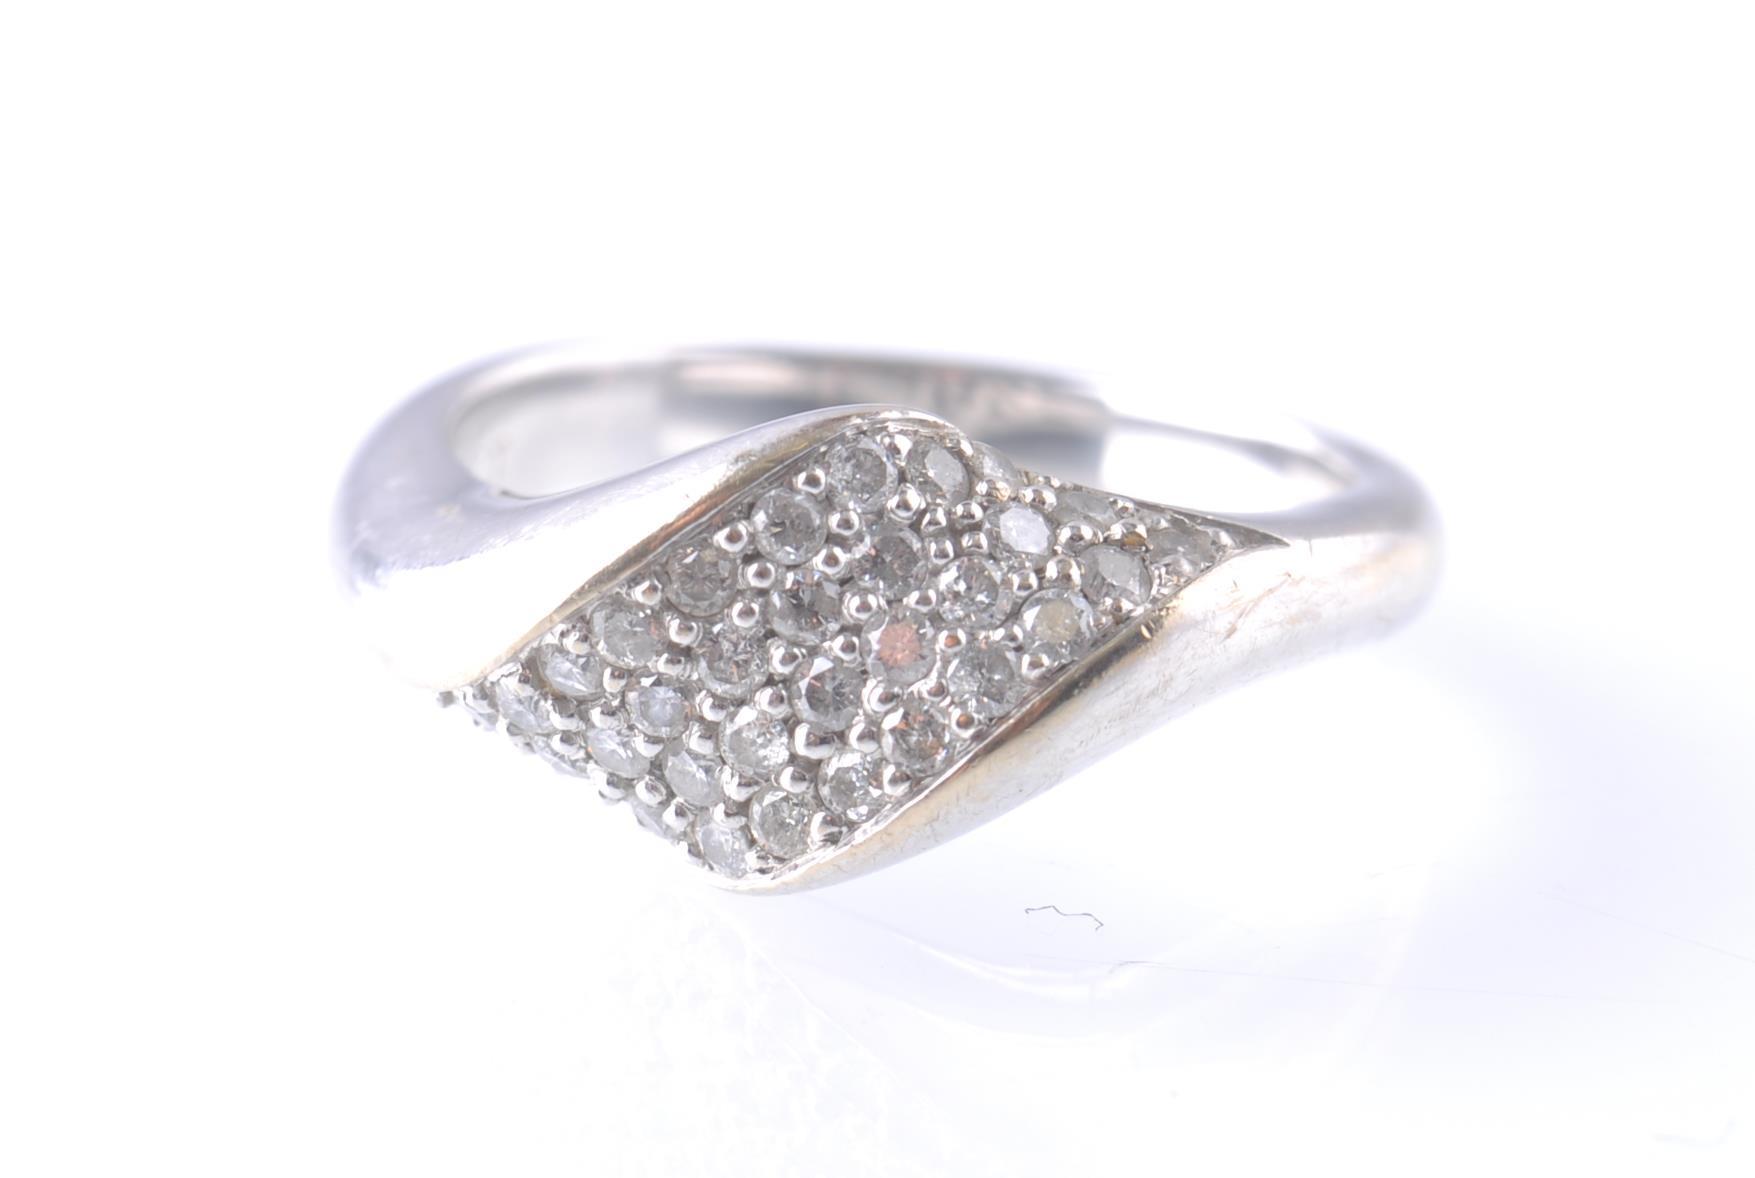 Lot 95 - An 18CT WHITE GOLD SCANDINAVIAN DIAMOND CROSS OVER